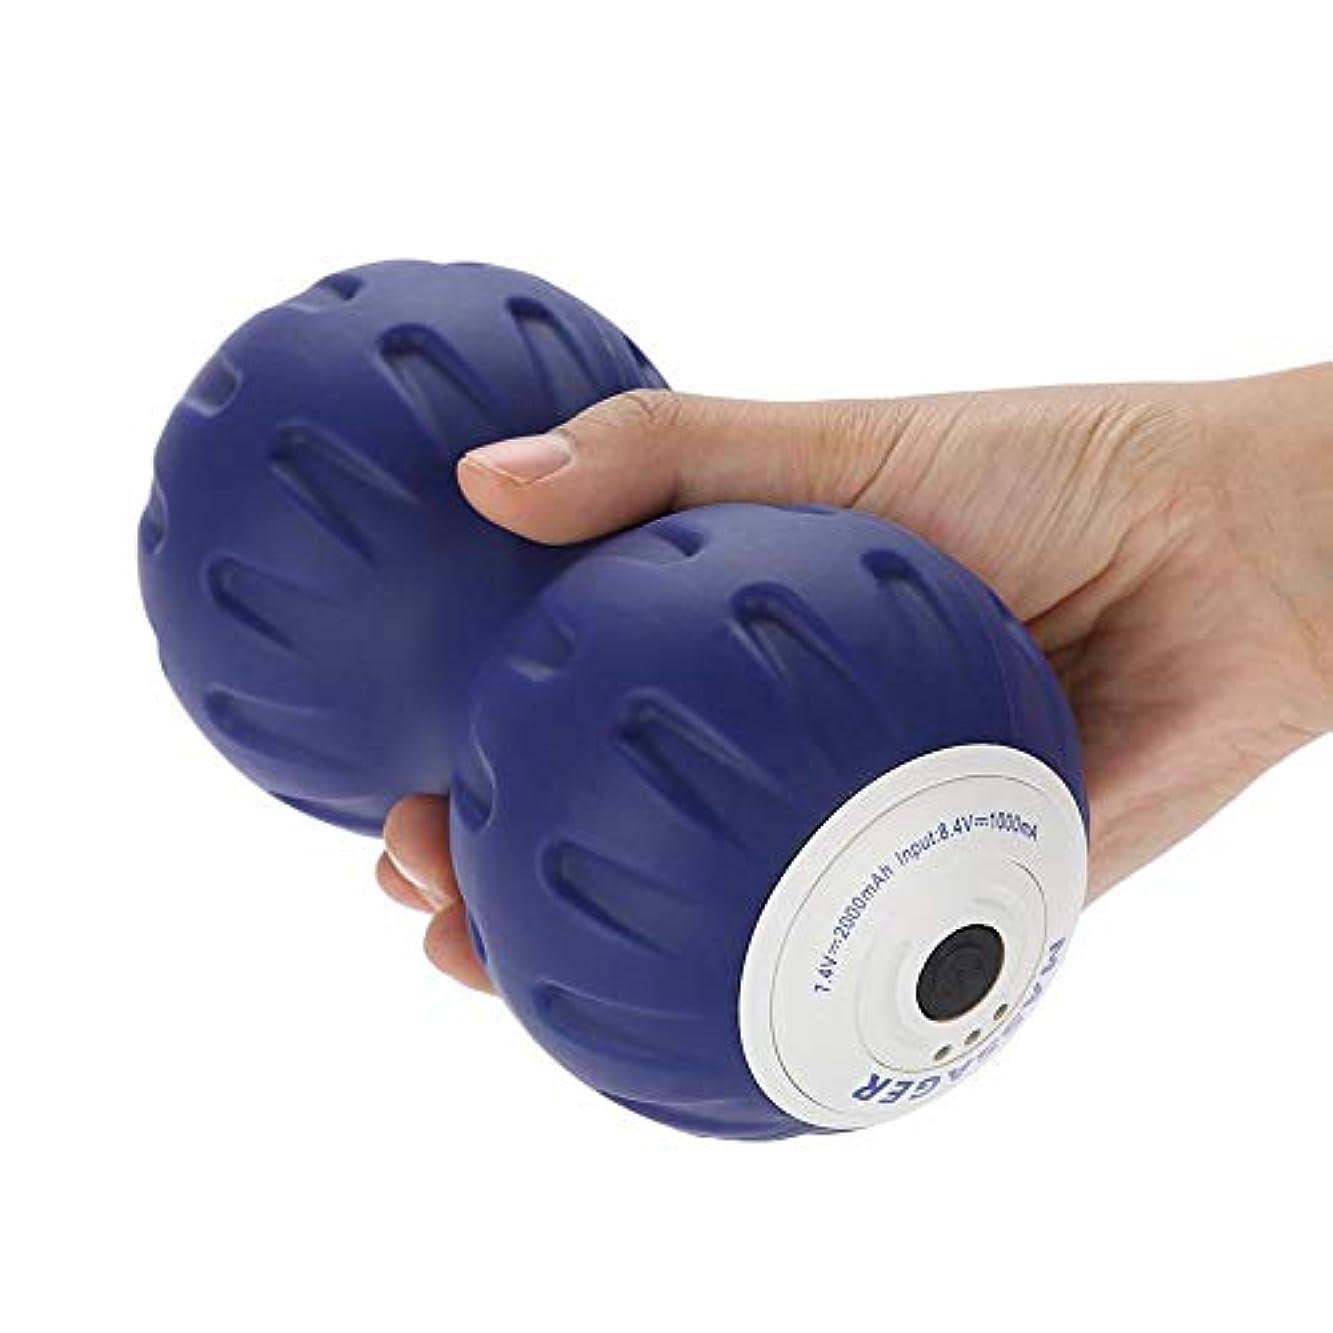 概して年金受給者傷つきやすいピーナッツ マッサージボール 筋膜 マッサージローラー ピラティスヨガ枕筋肉 リラックスリリース フィットネス(02)